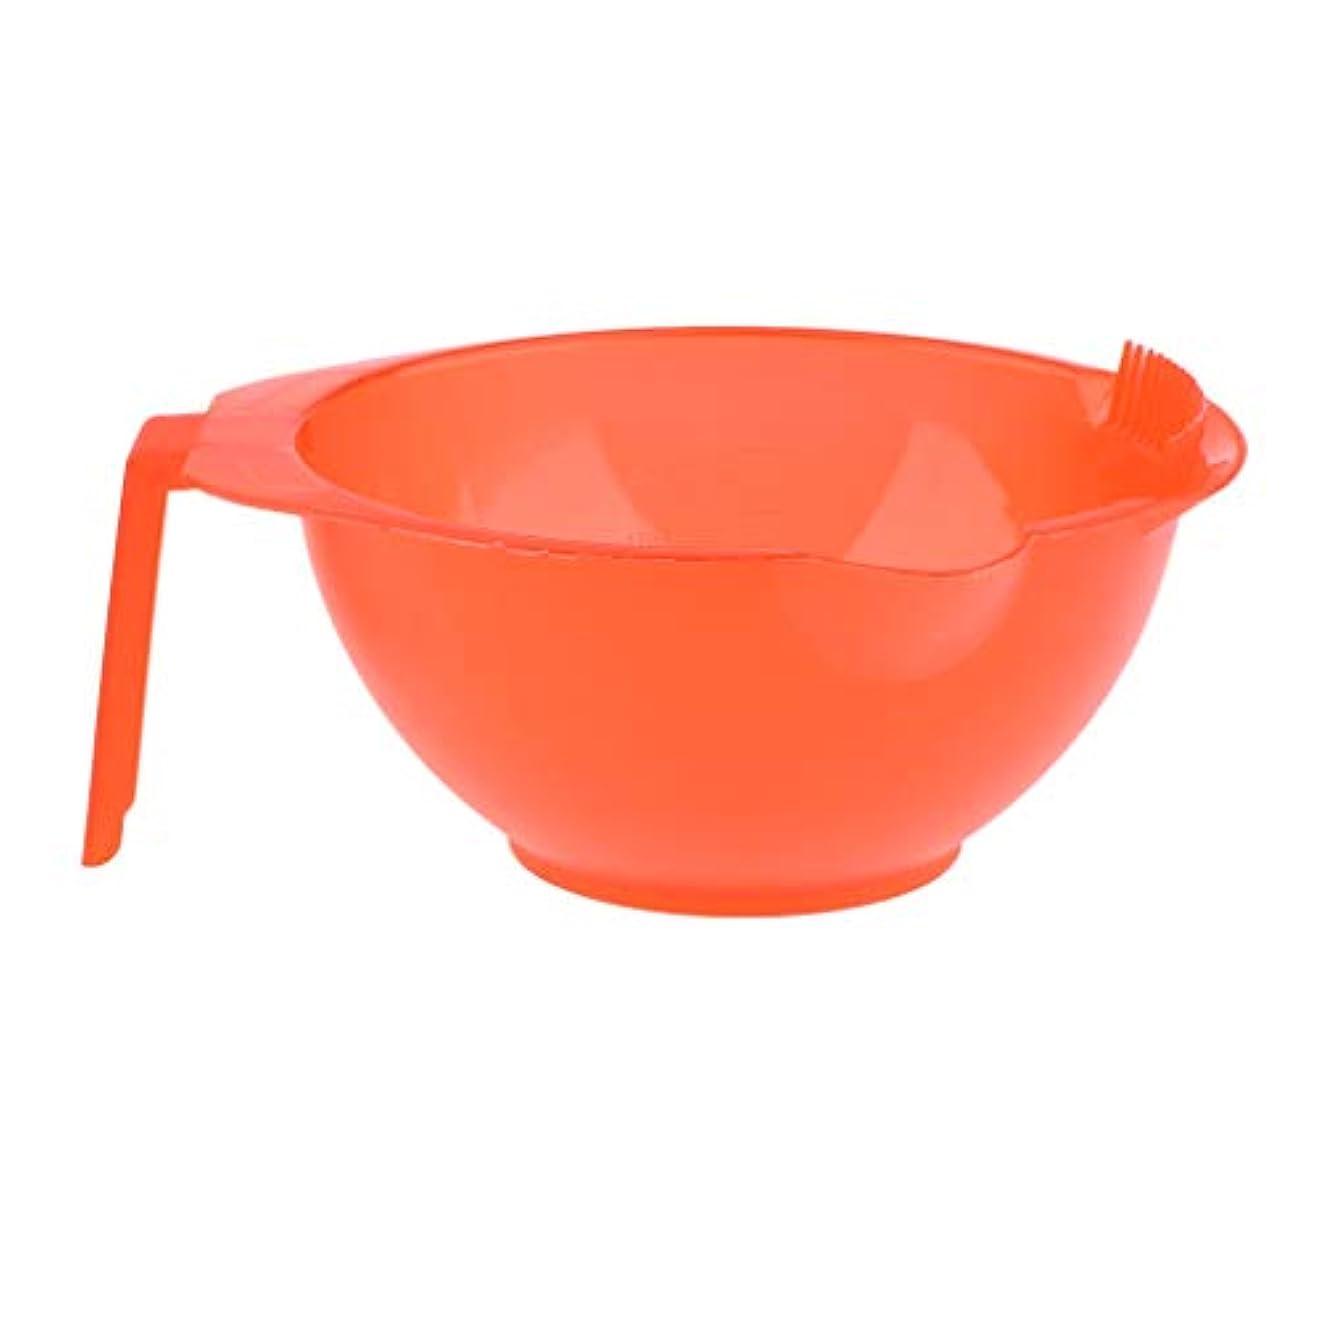 移住する認知タオルヘアカラーボール ヘアサロン ヘアダイミキシングボウル エッジ付き 5色選べ - 赤